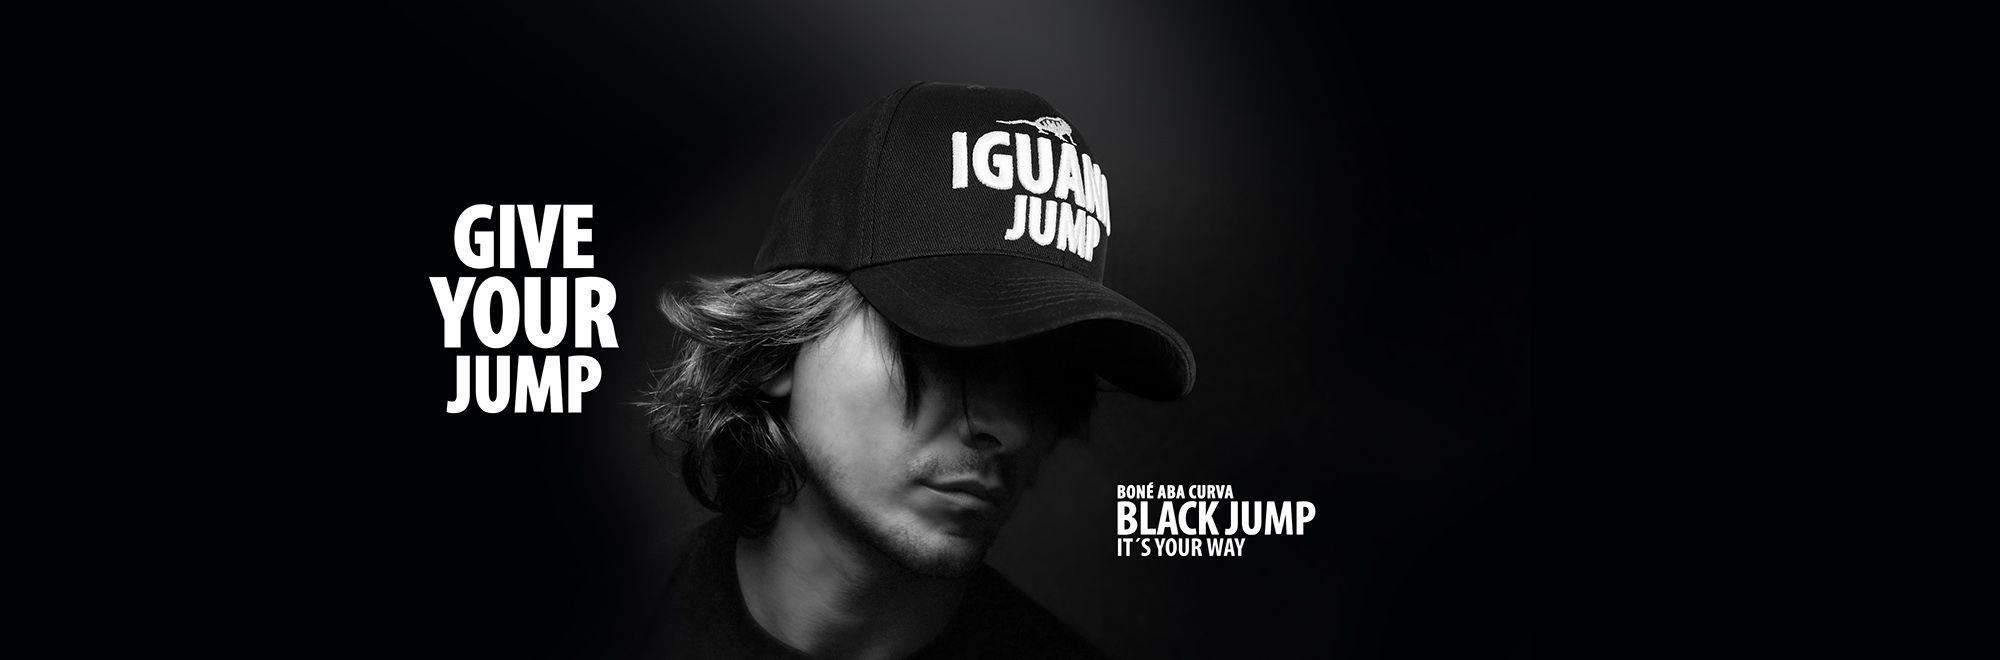 ... aba curva feminino e masculino de Iguana Jump. Boné preto 8bfb53d38e63c